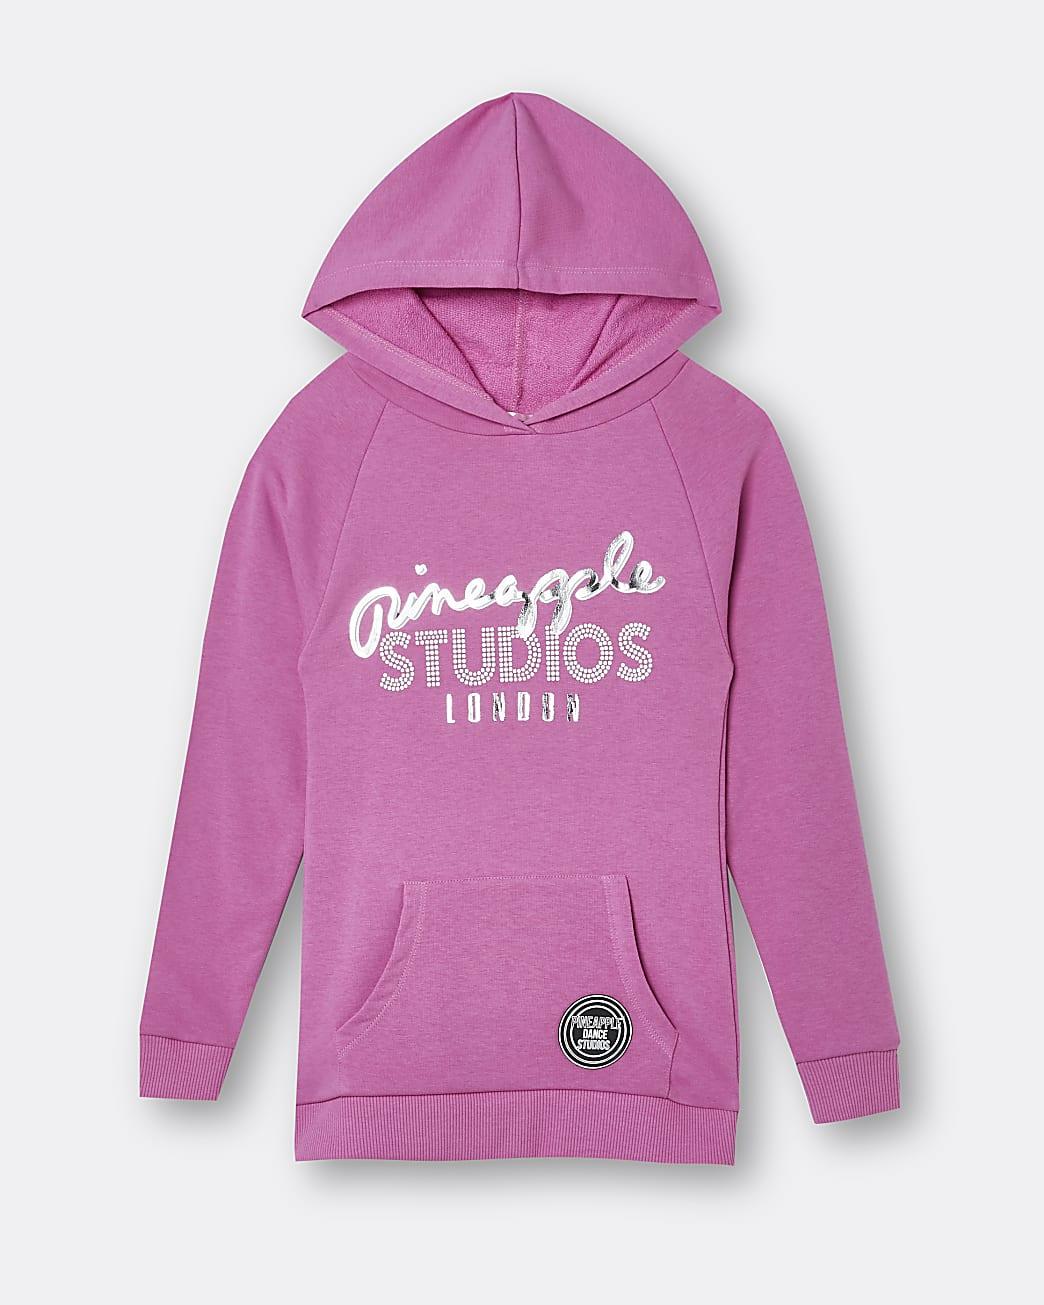 Girls pink Pineapple hoodie